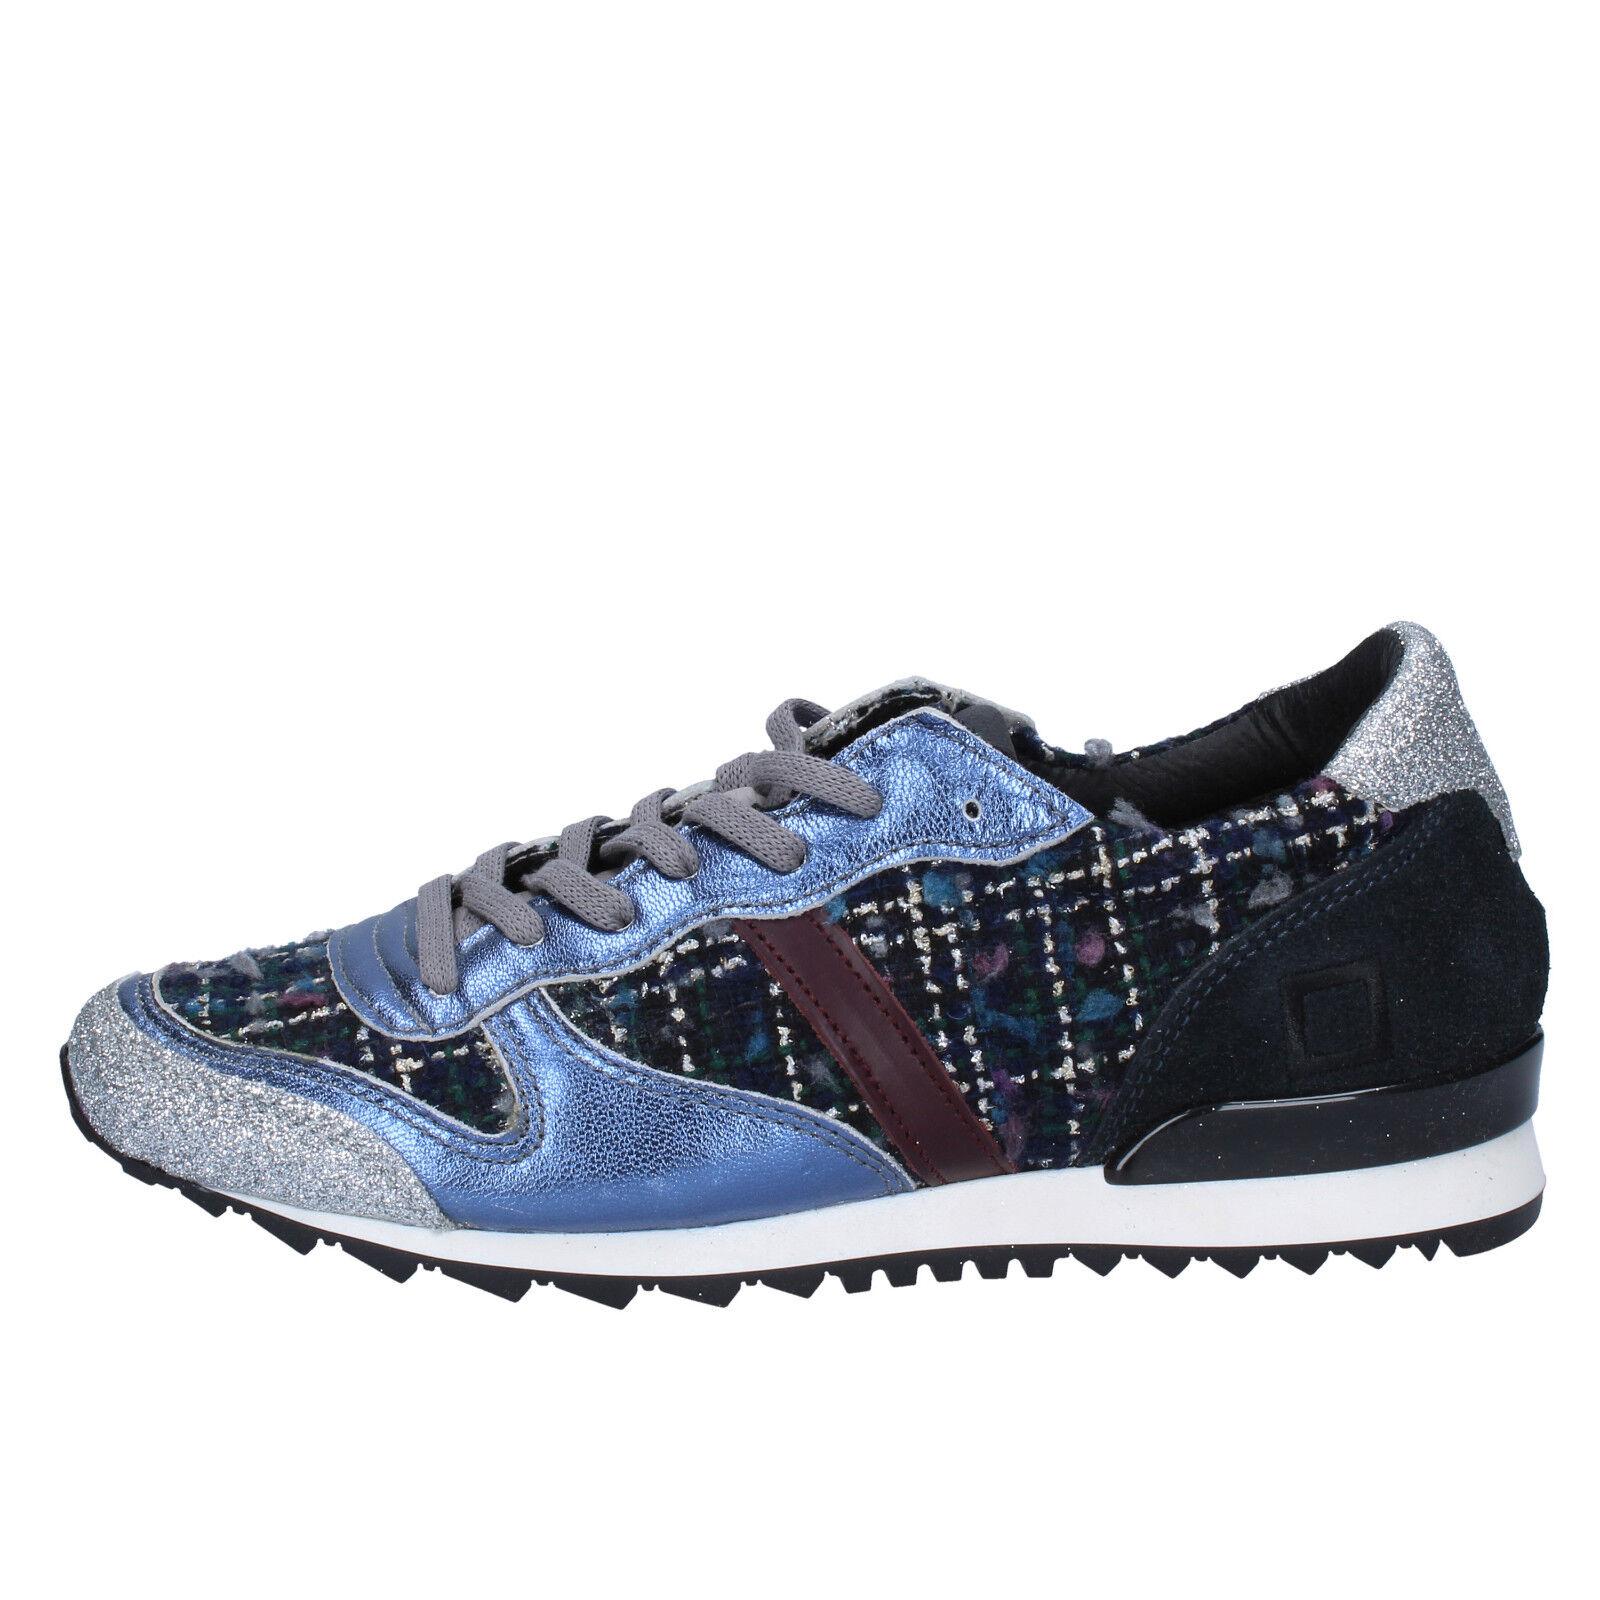 Para mujeres Zapatos d.a.t.e. (fecha) 6 () Zapatillas Azul Glitter Textil BX59-39